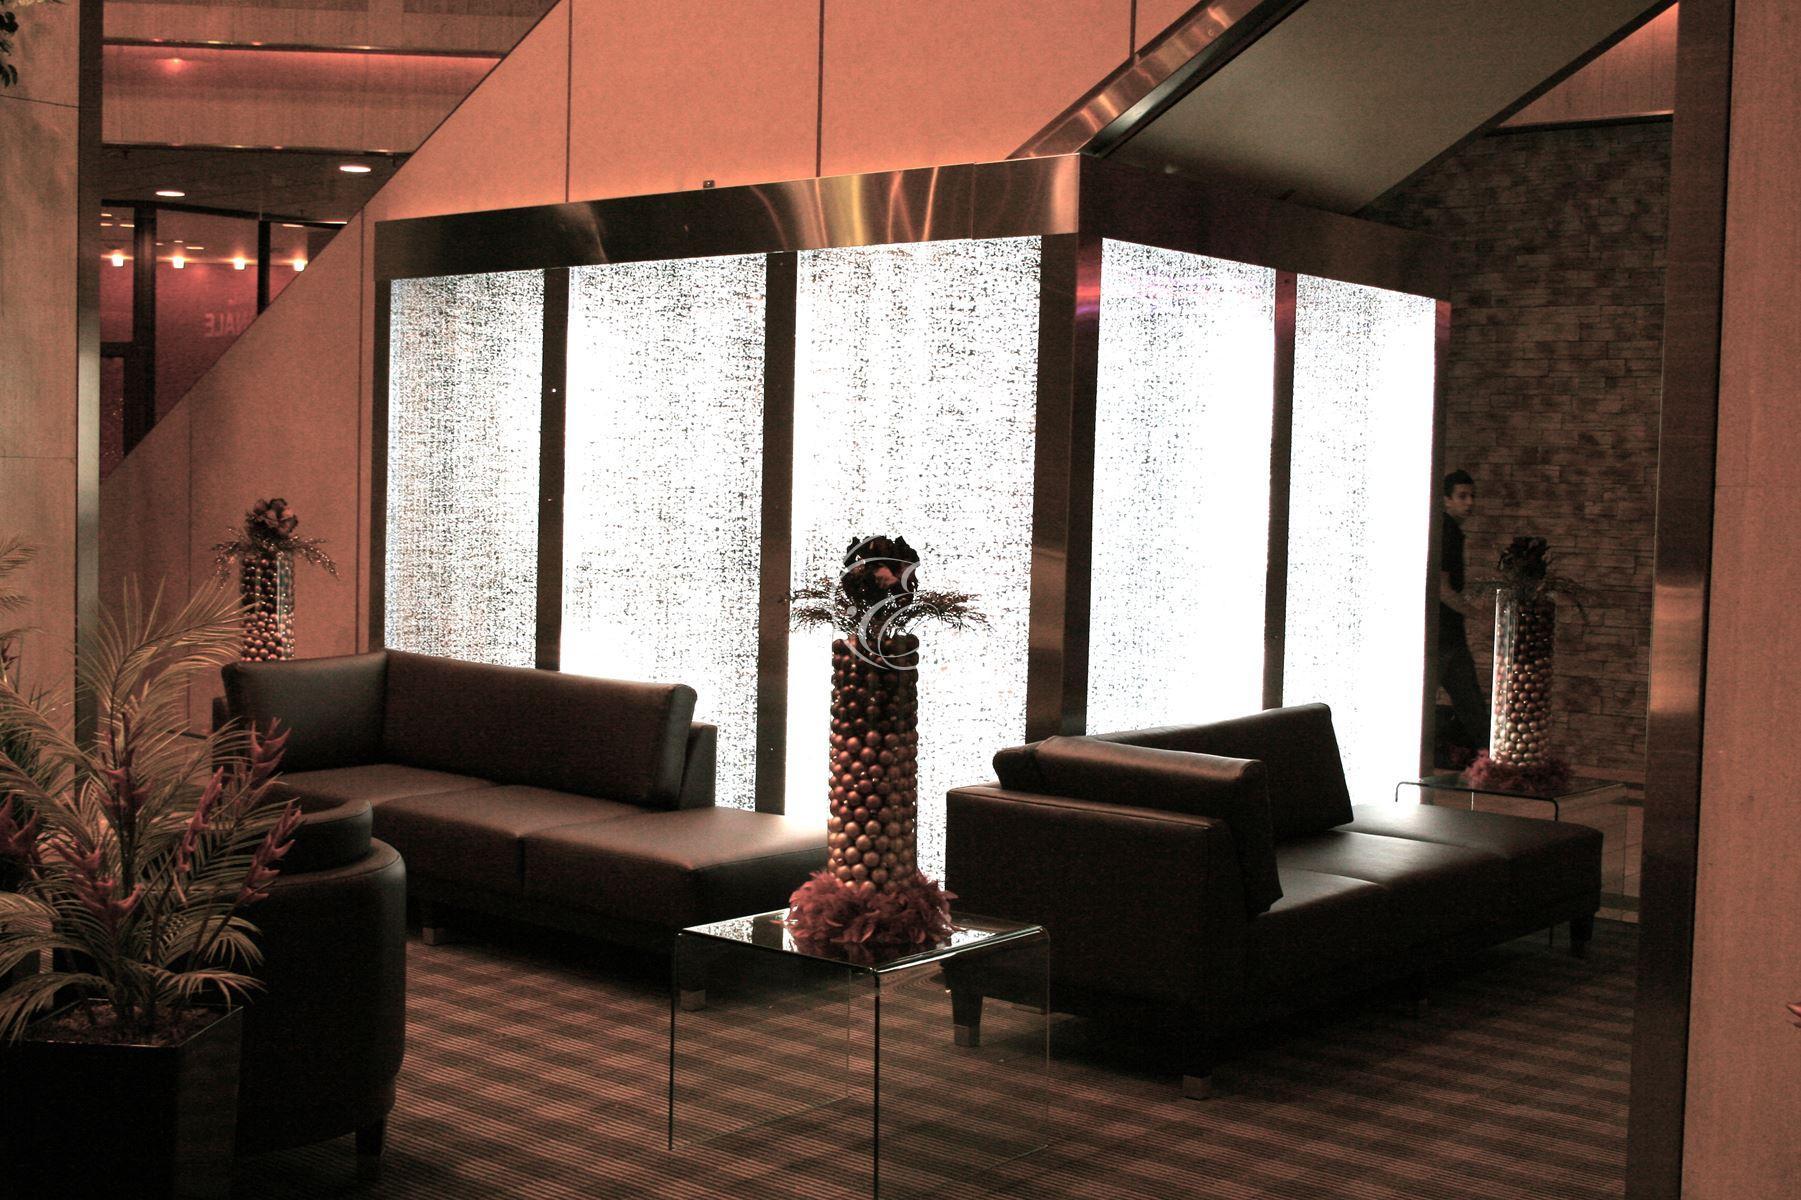 mur de bulles galerie commerciale montr al. Black Bedroom Furniture Sets. Home Design Ideas